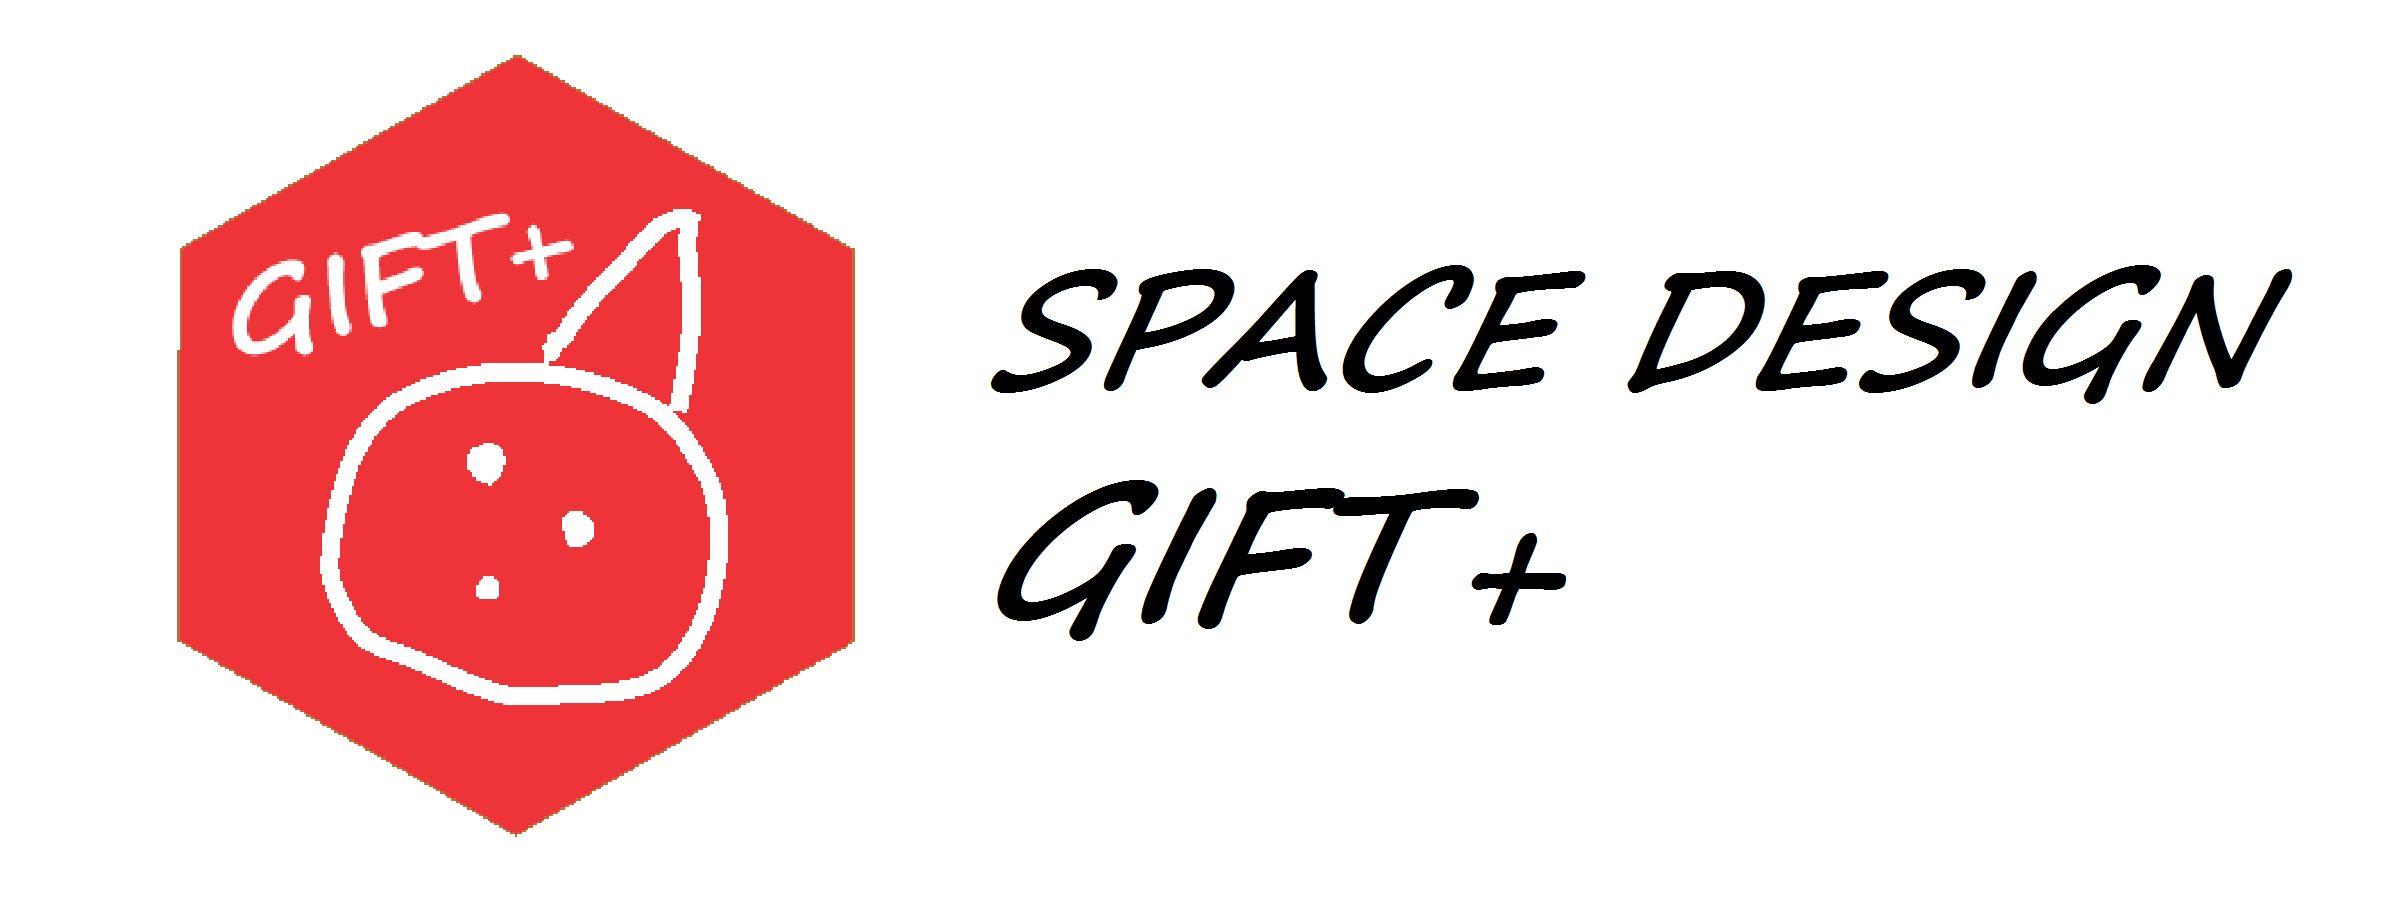 空間デザインのGIFT+